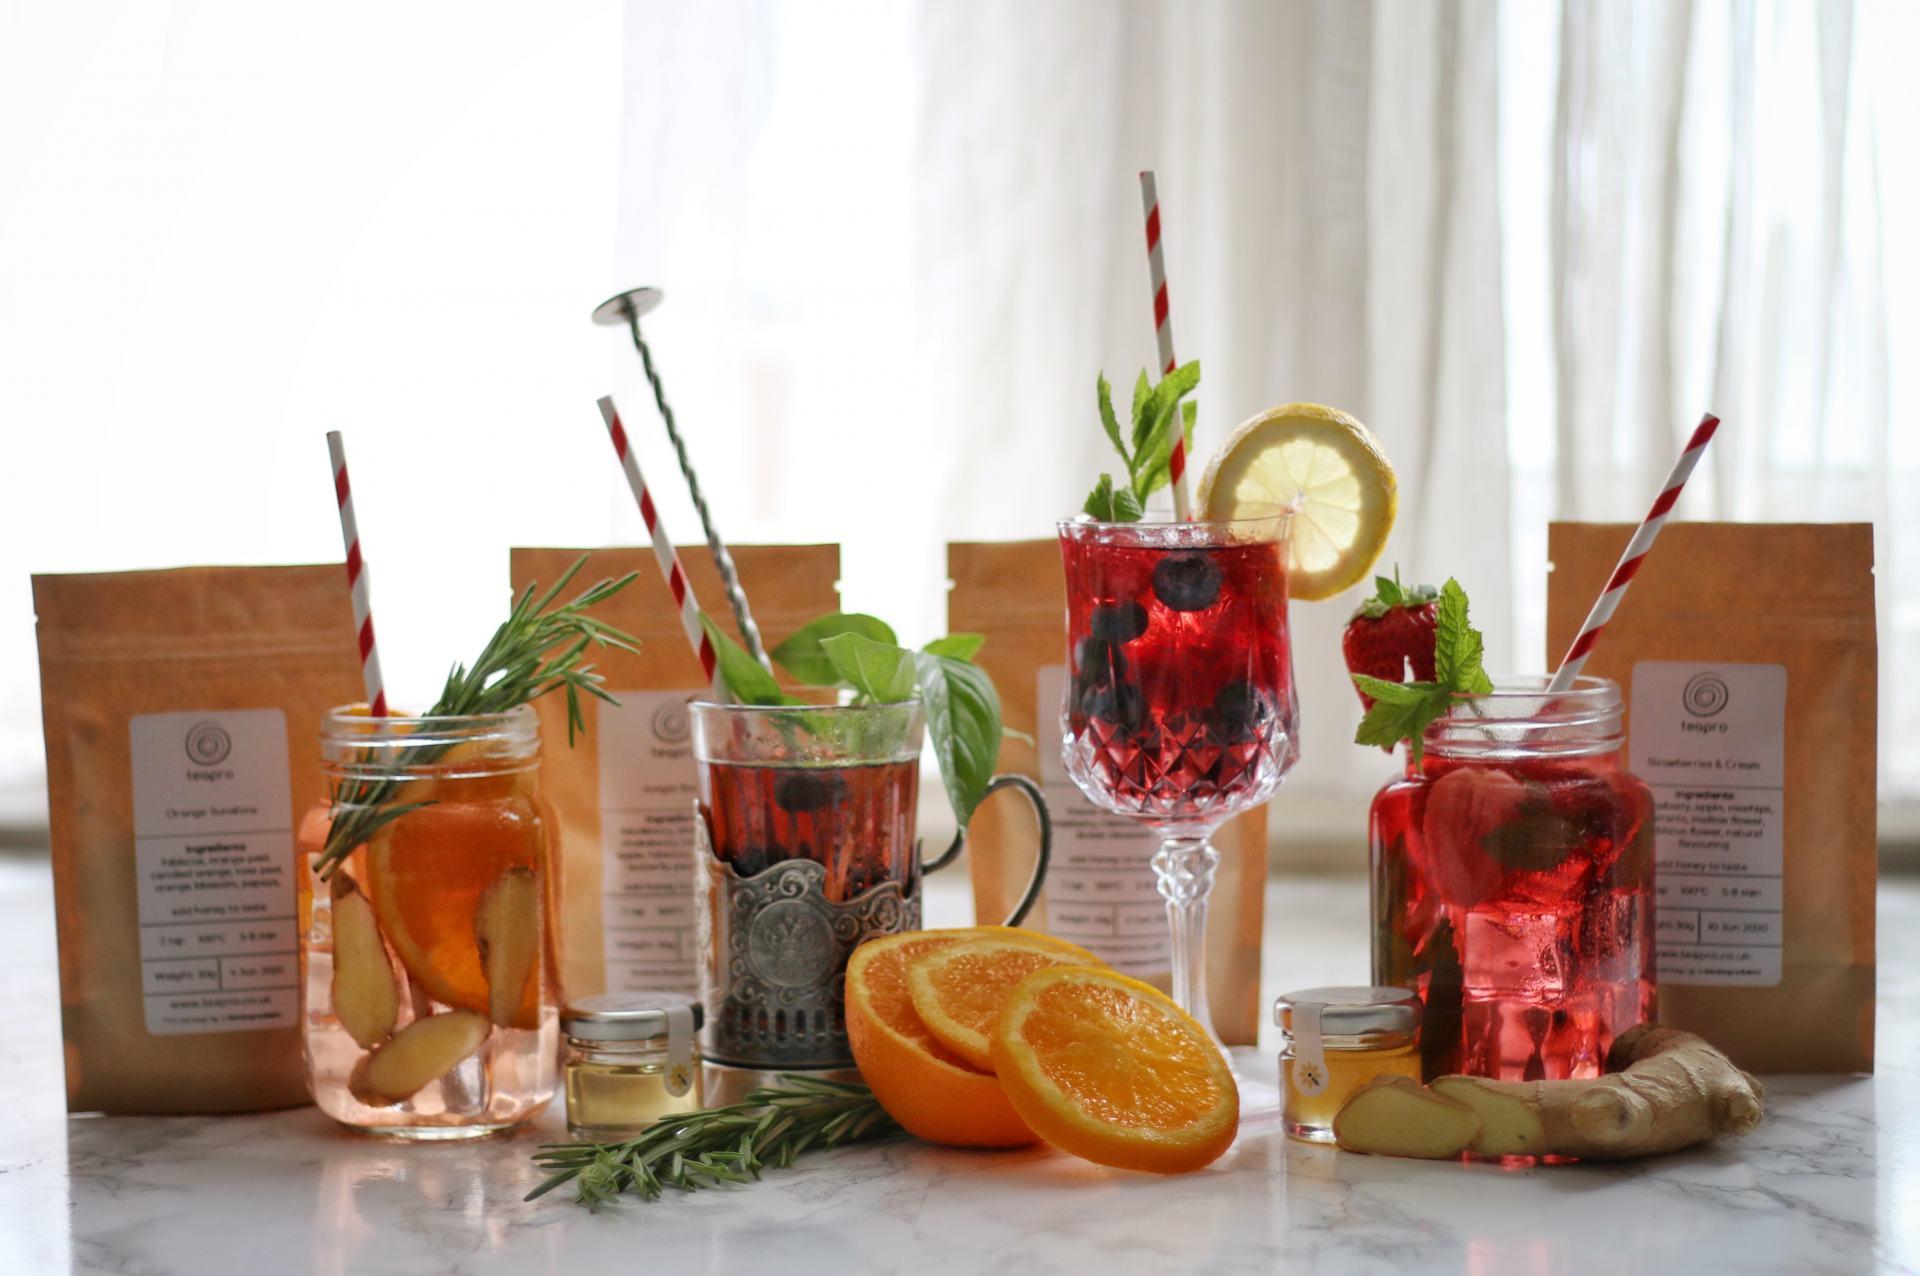 teapro july fruit cooler box